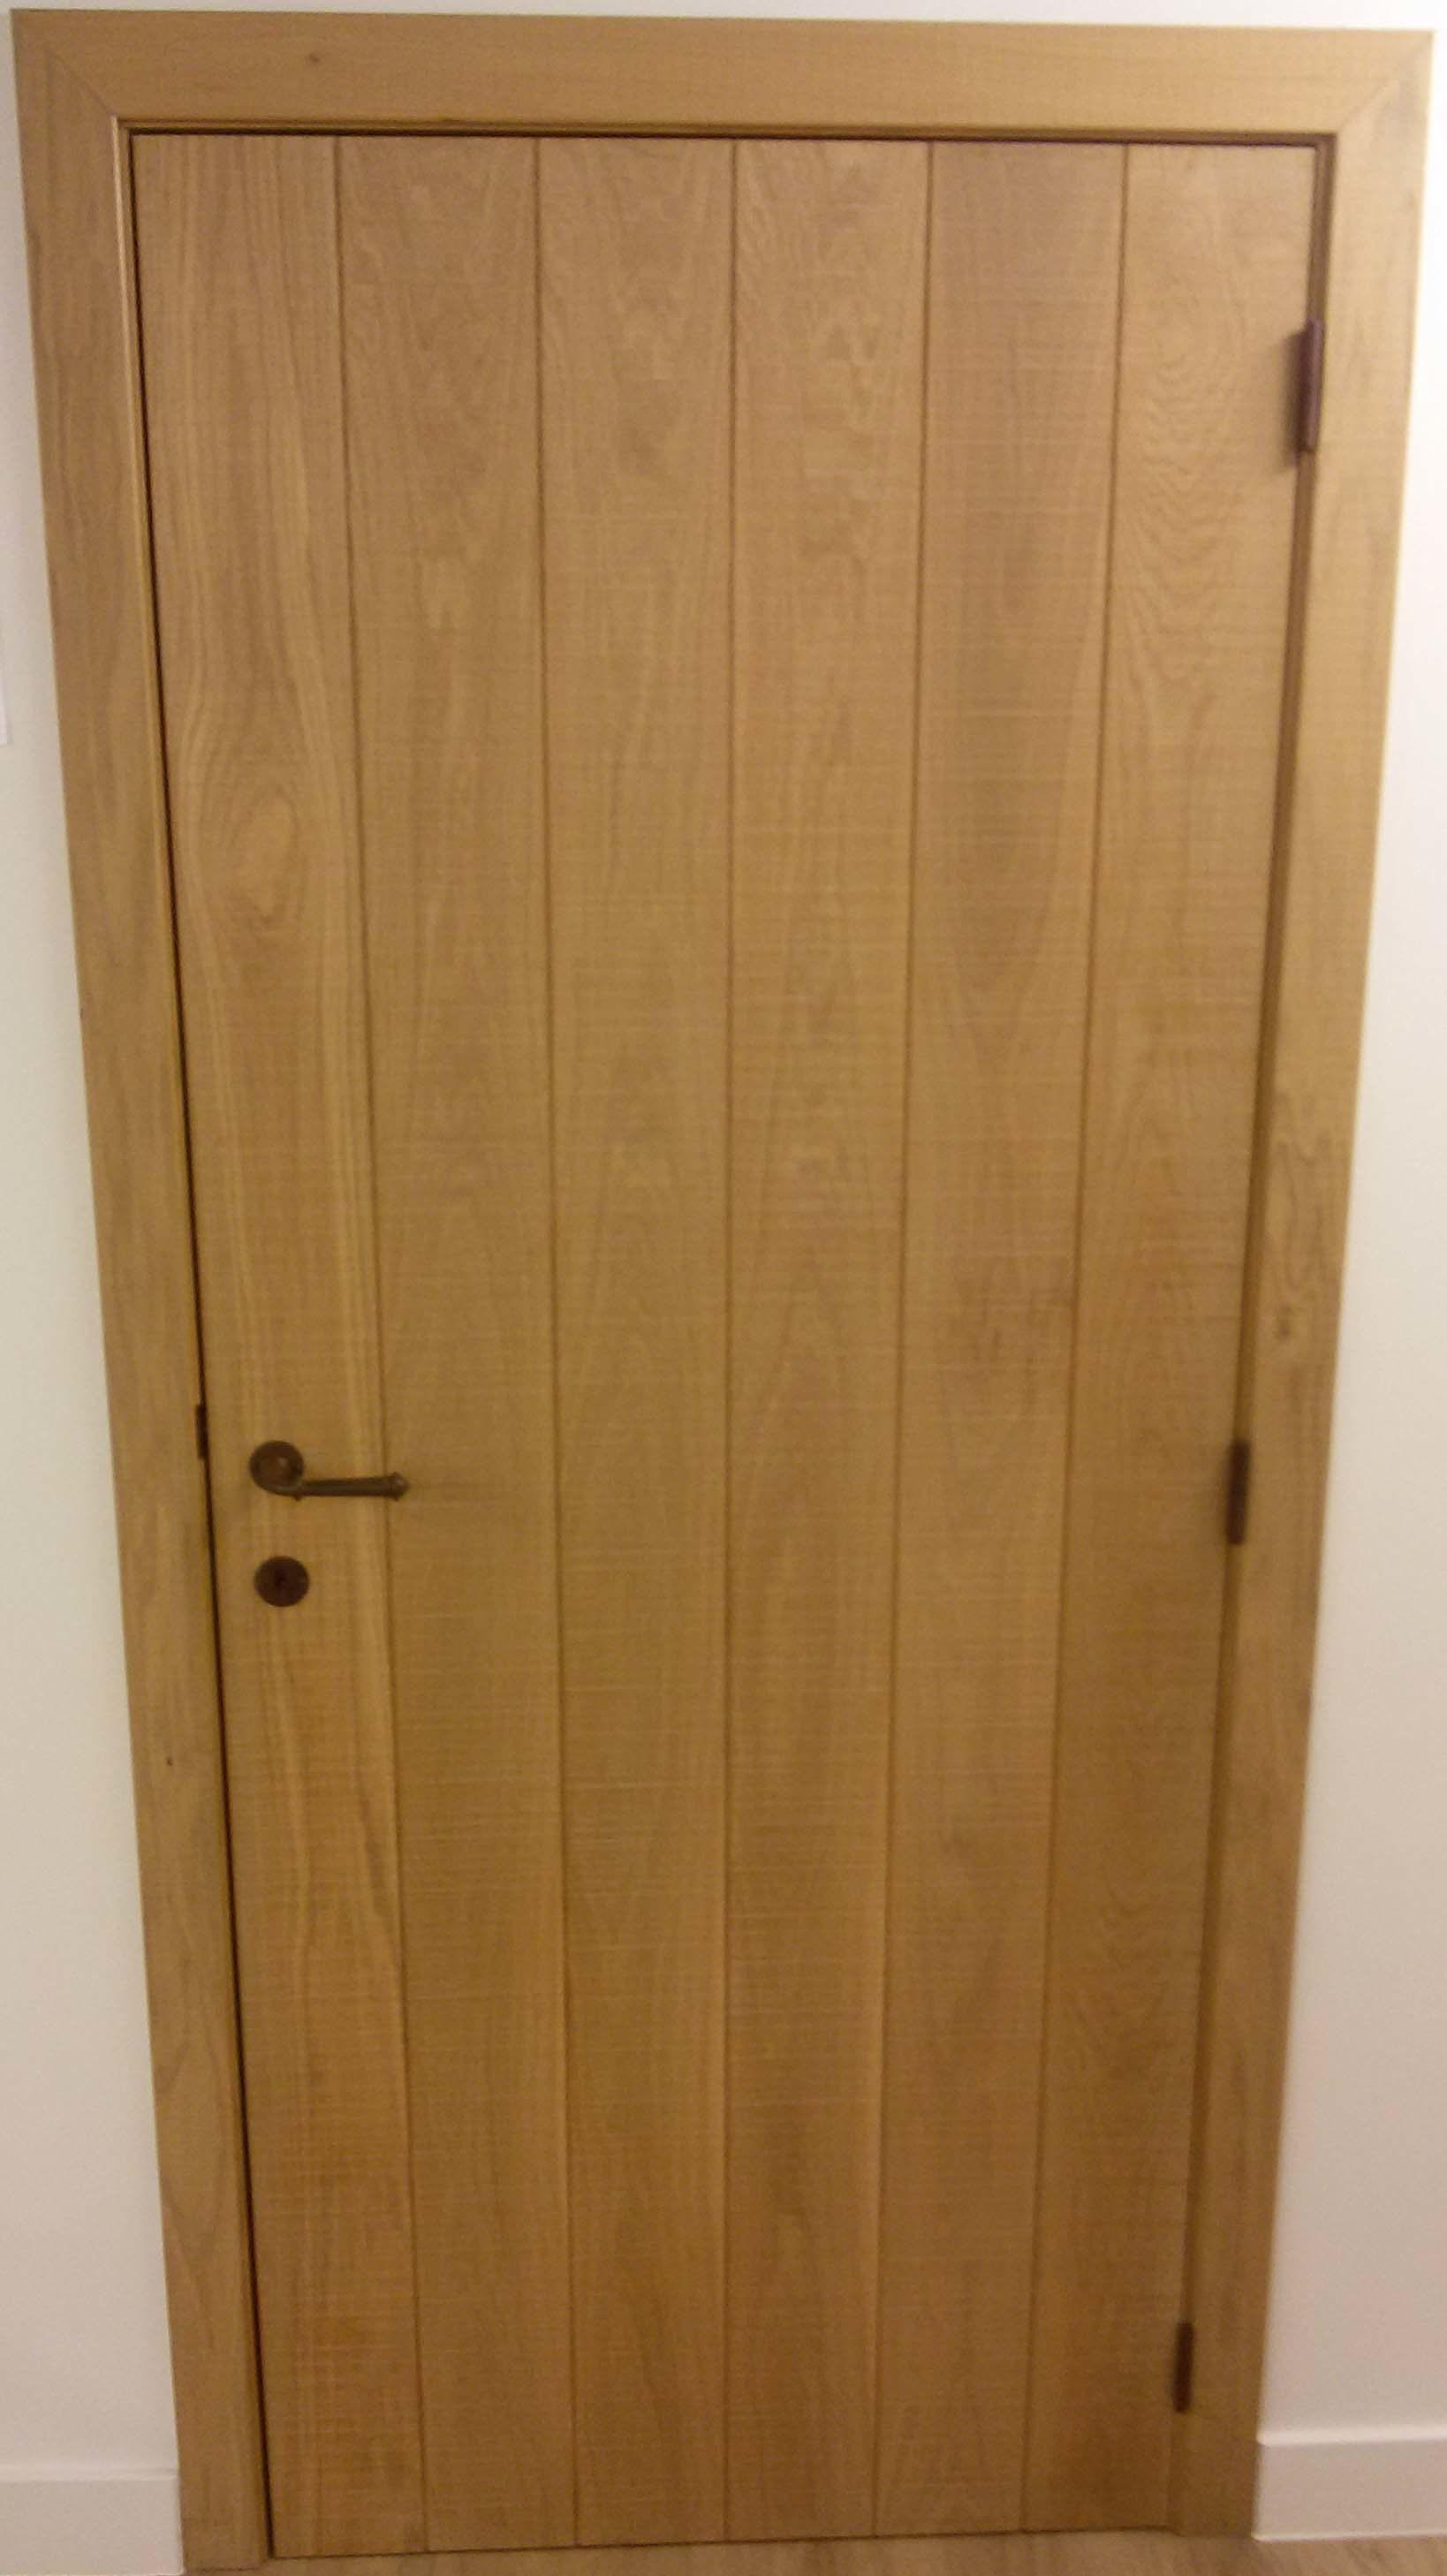 Porte D Entrée En Bois Massif Prix le bois extérieur de porte d'entrée en bois massif photo sur